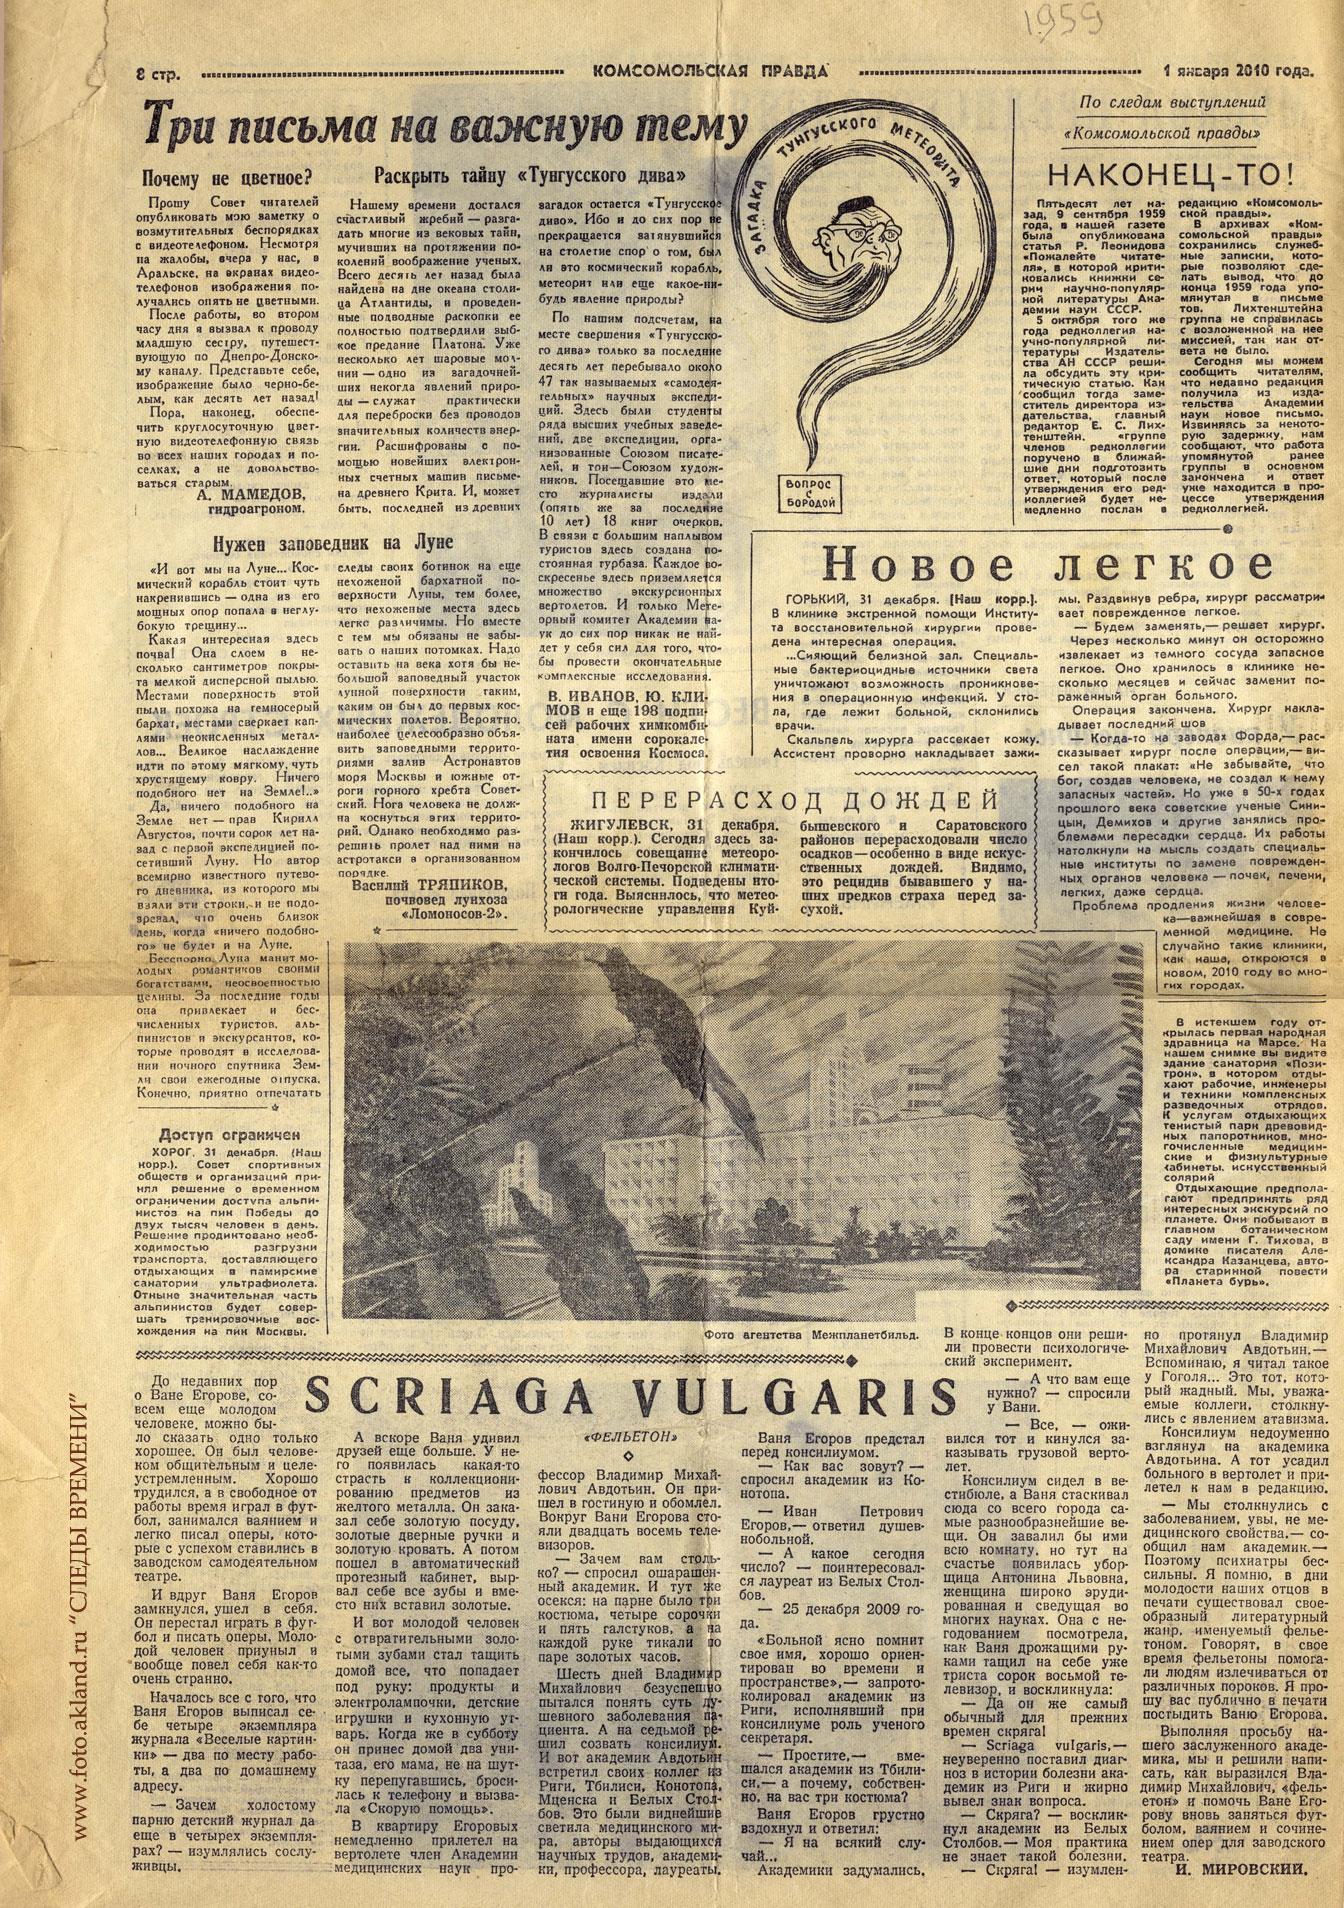 В 1959 году 'Комсомольская правда' выпустила специальный предновогодний номер, где журналисты рискнули заглянуть на...